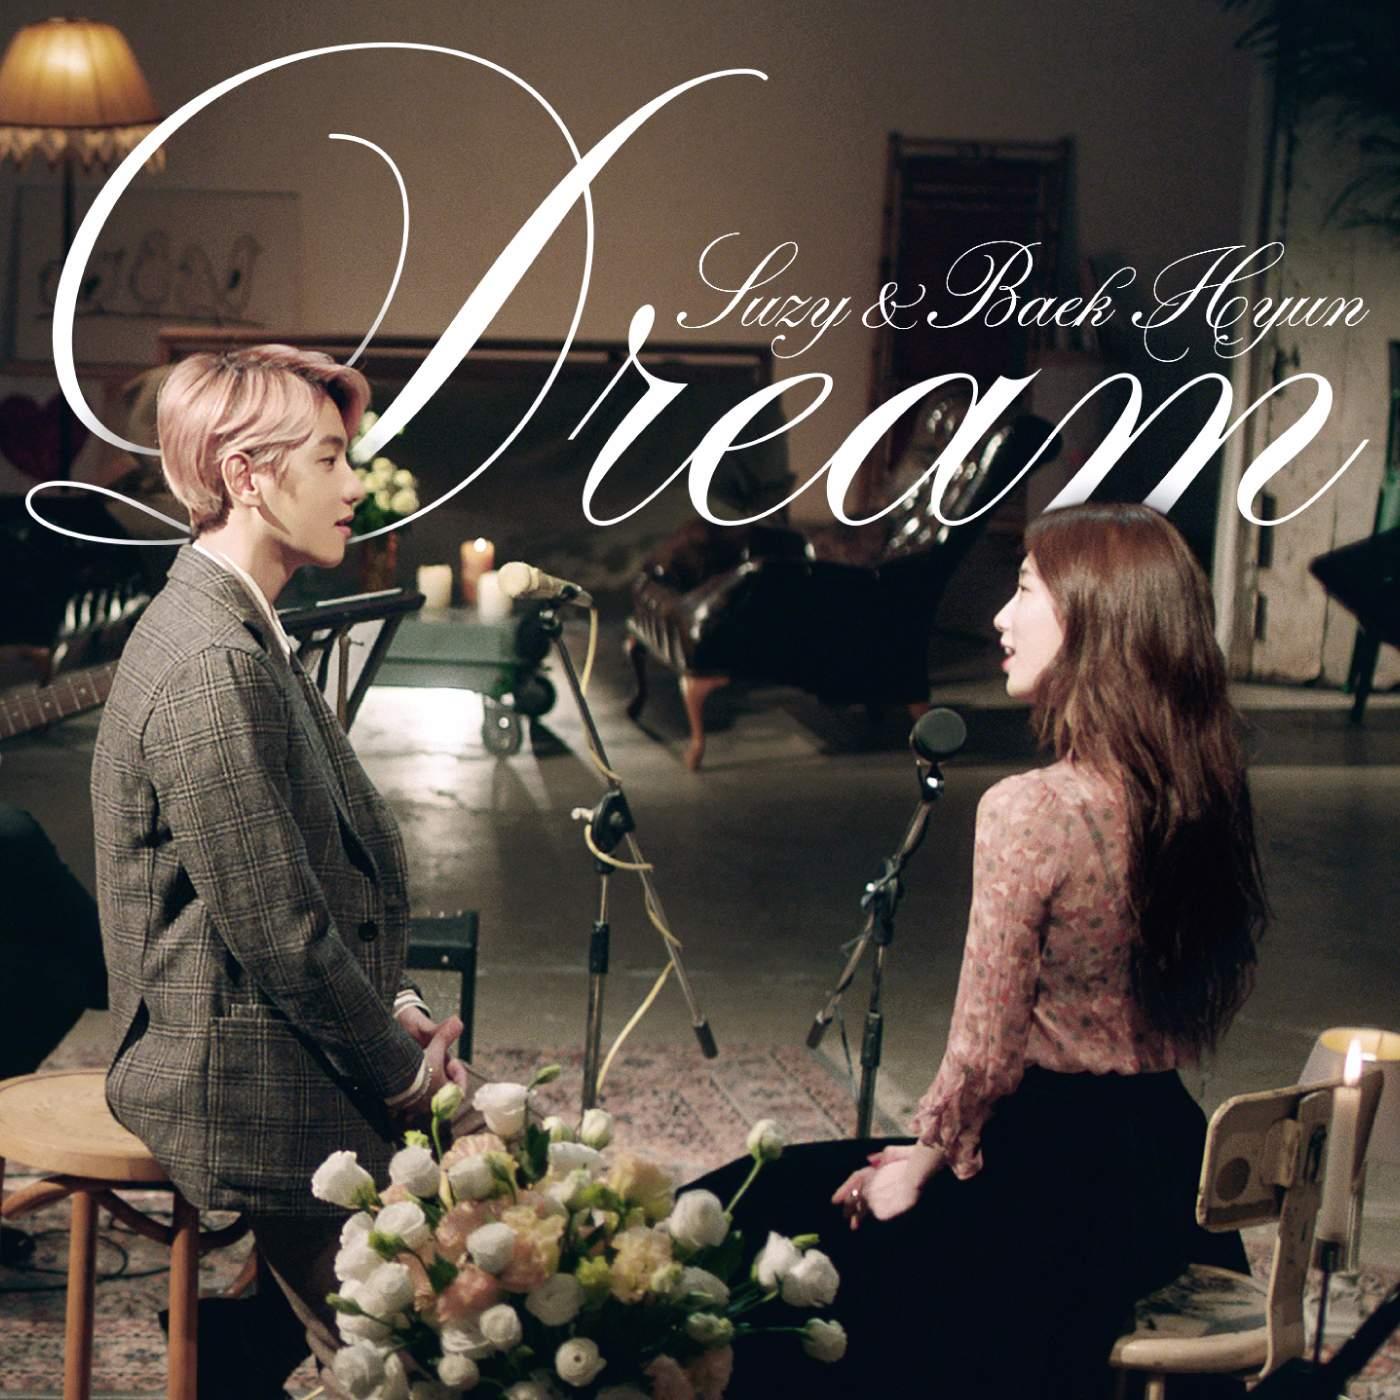 是少見的兩大經紀公司跨公司合作,由EXO伯賢與Miss A秀智帶來的合唱曲嗎?